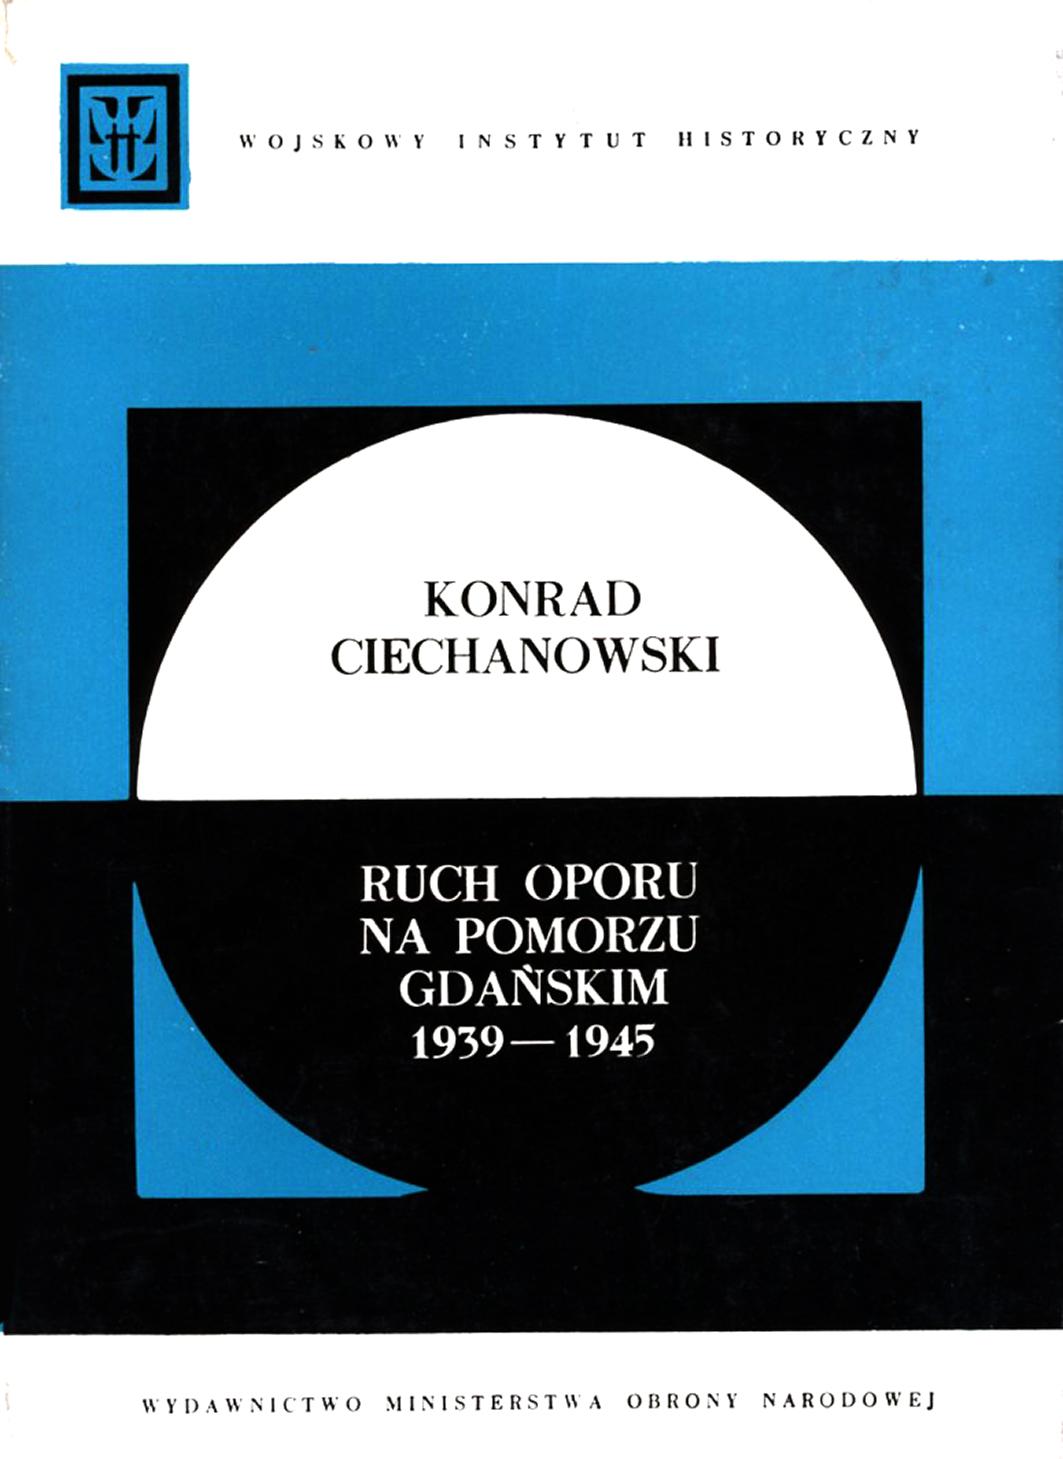 Ruch oporu na Pomorzu Gdańskim 1939-1945 / Konrad Ciechanowski. - Wojskowy Instytut Historyczny